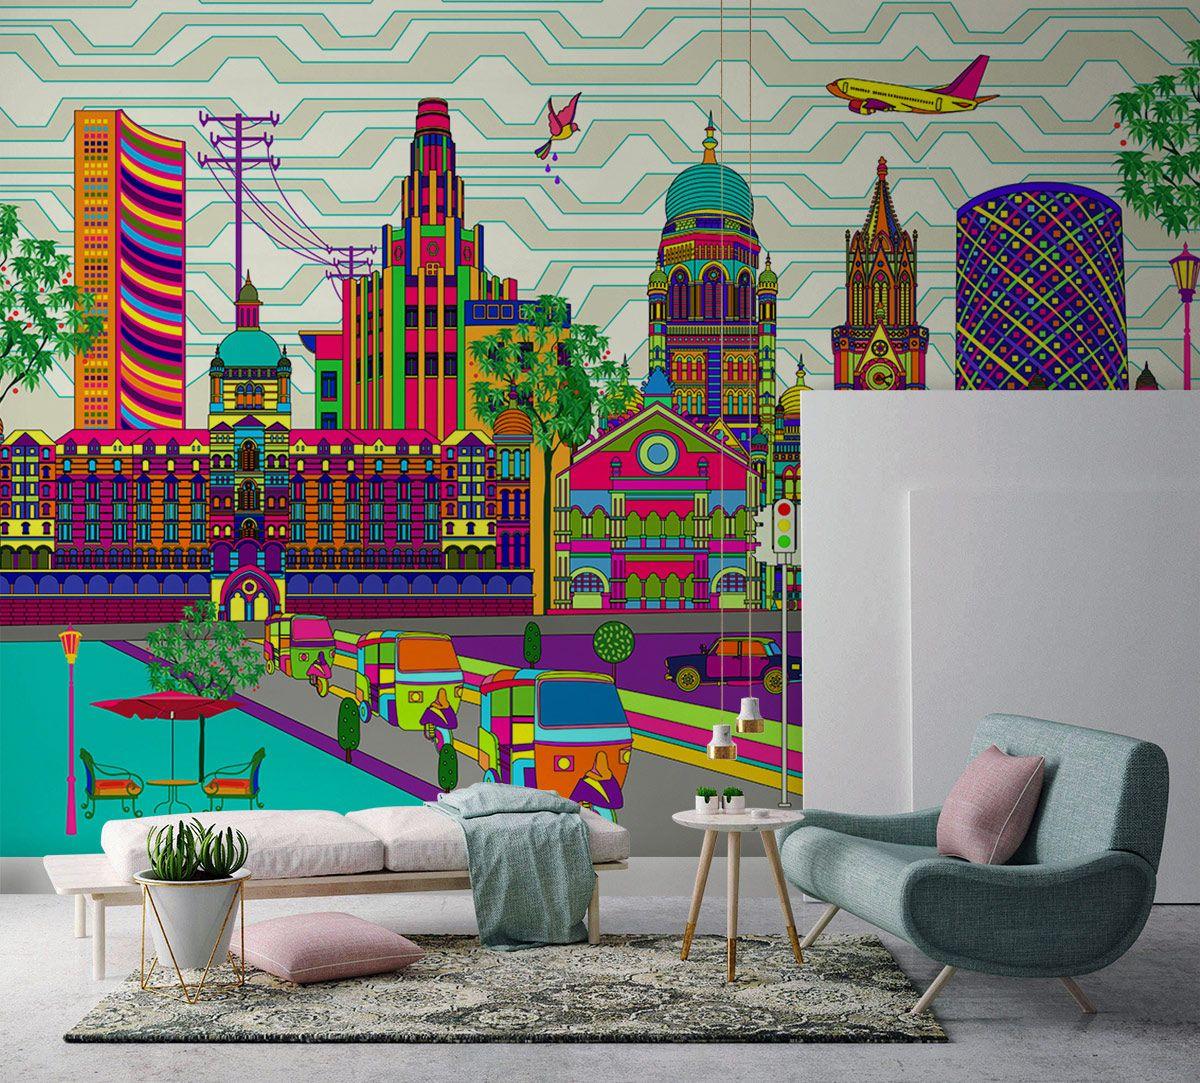 City Fever Wallpaper